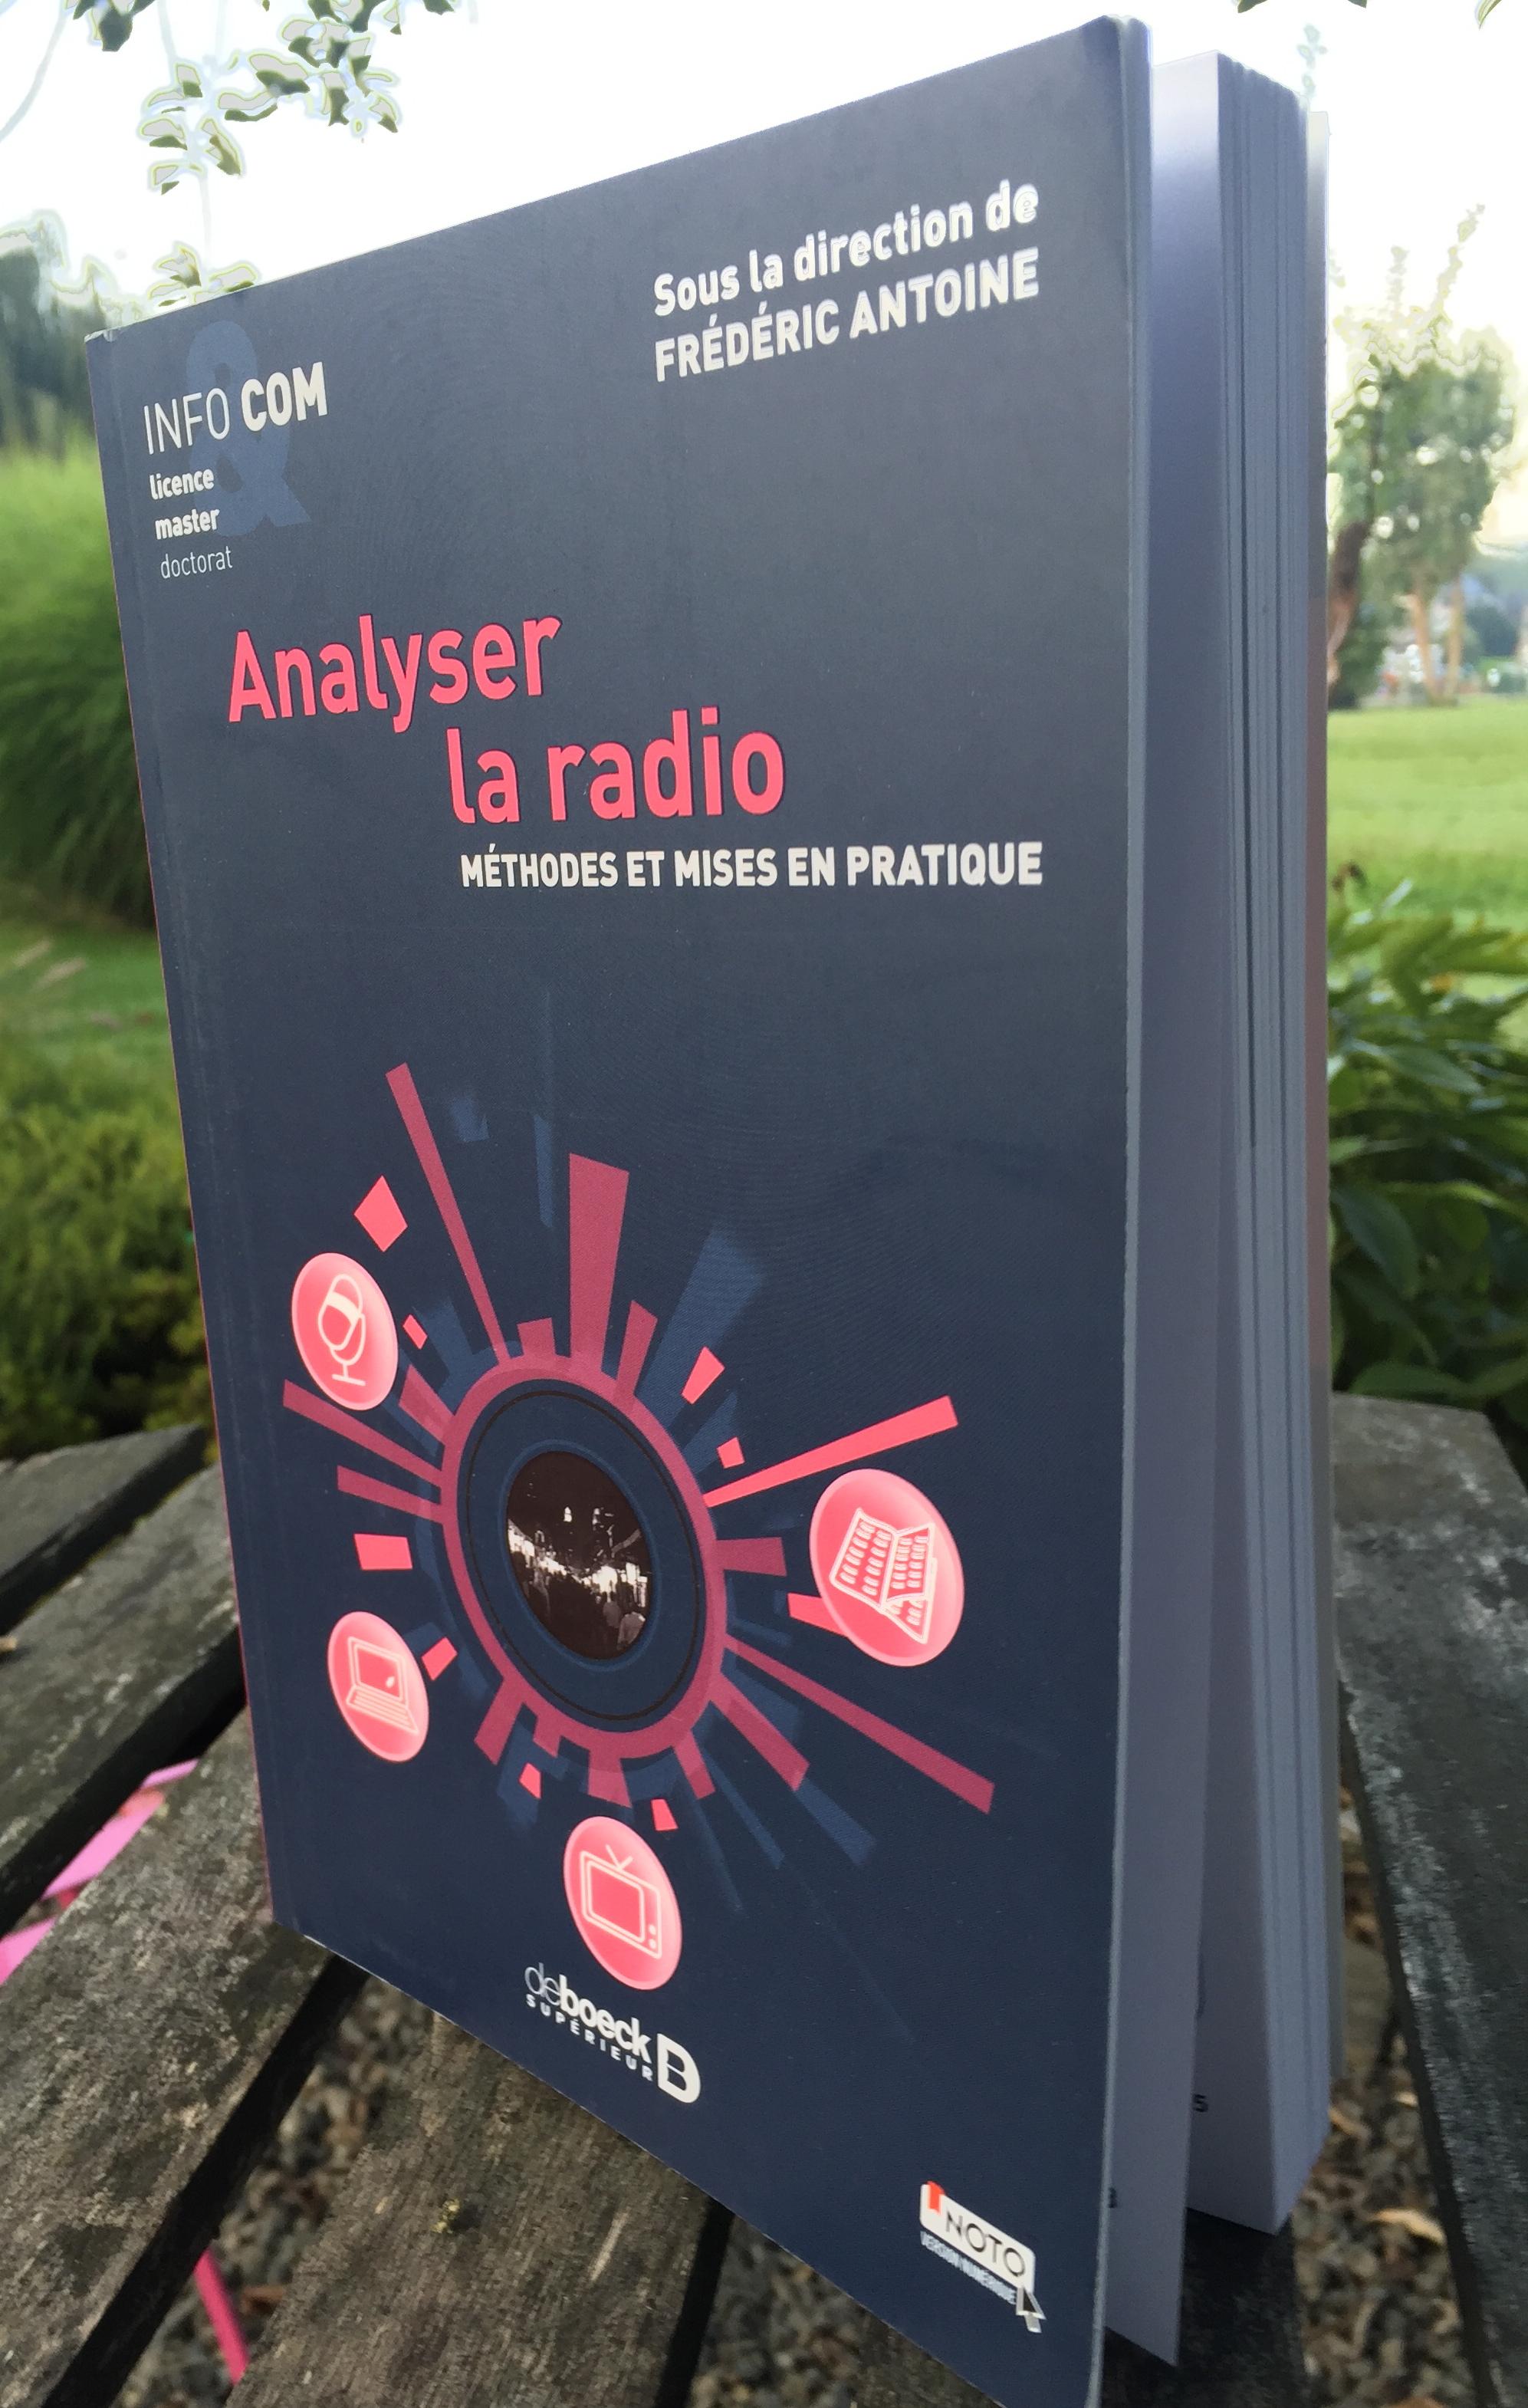 Analyser la radio. Méthodes et mises en pratique